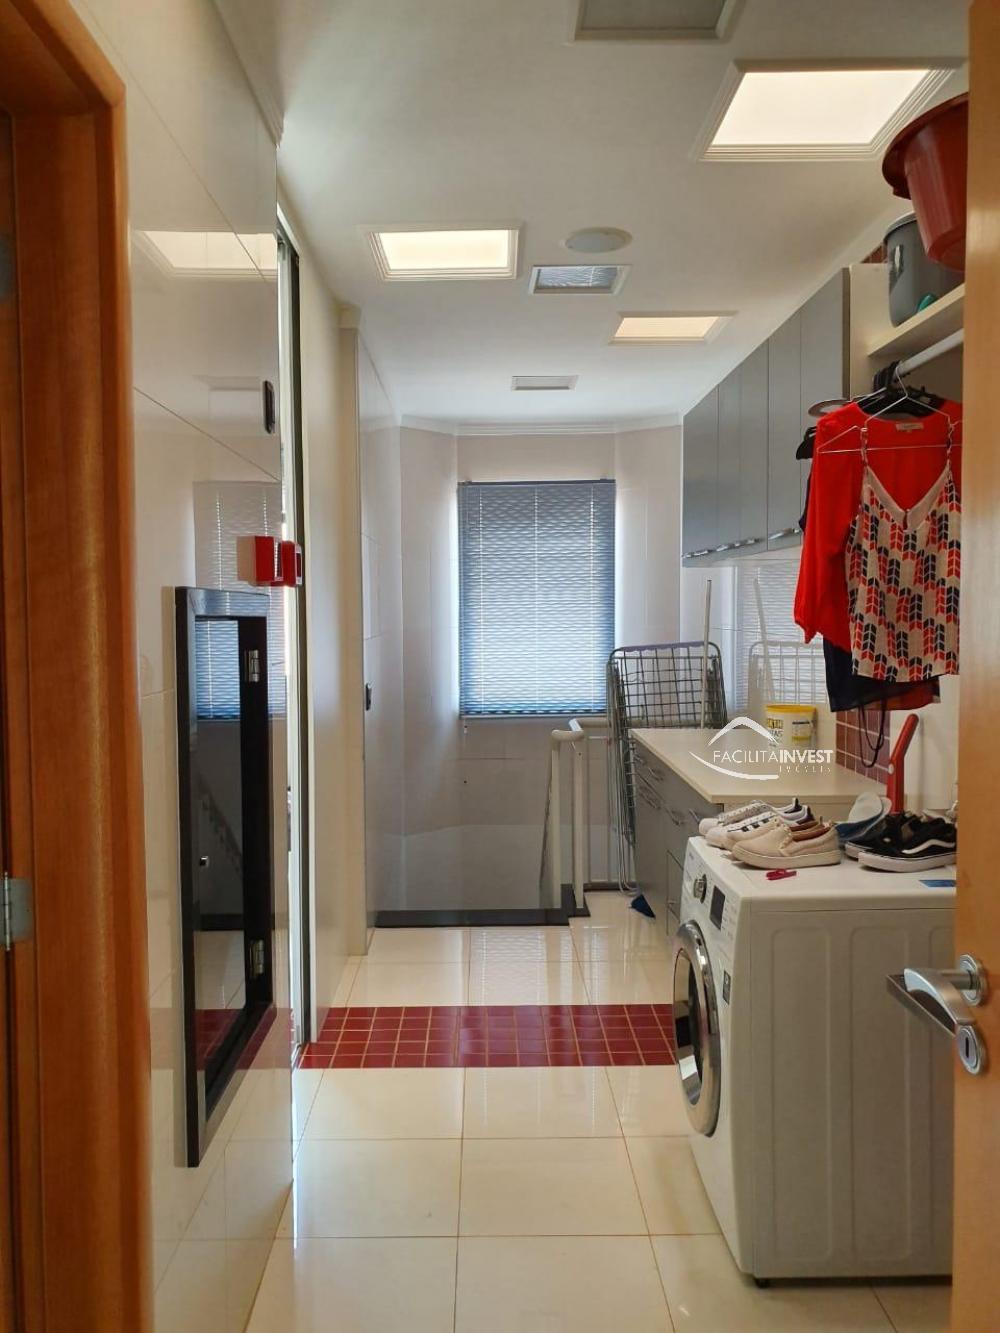 Comprar Apartamentos / Cobertura em Ribeirão Preto apenas R$ 2.300.000,00 - Foto 18